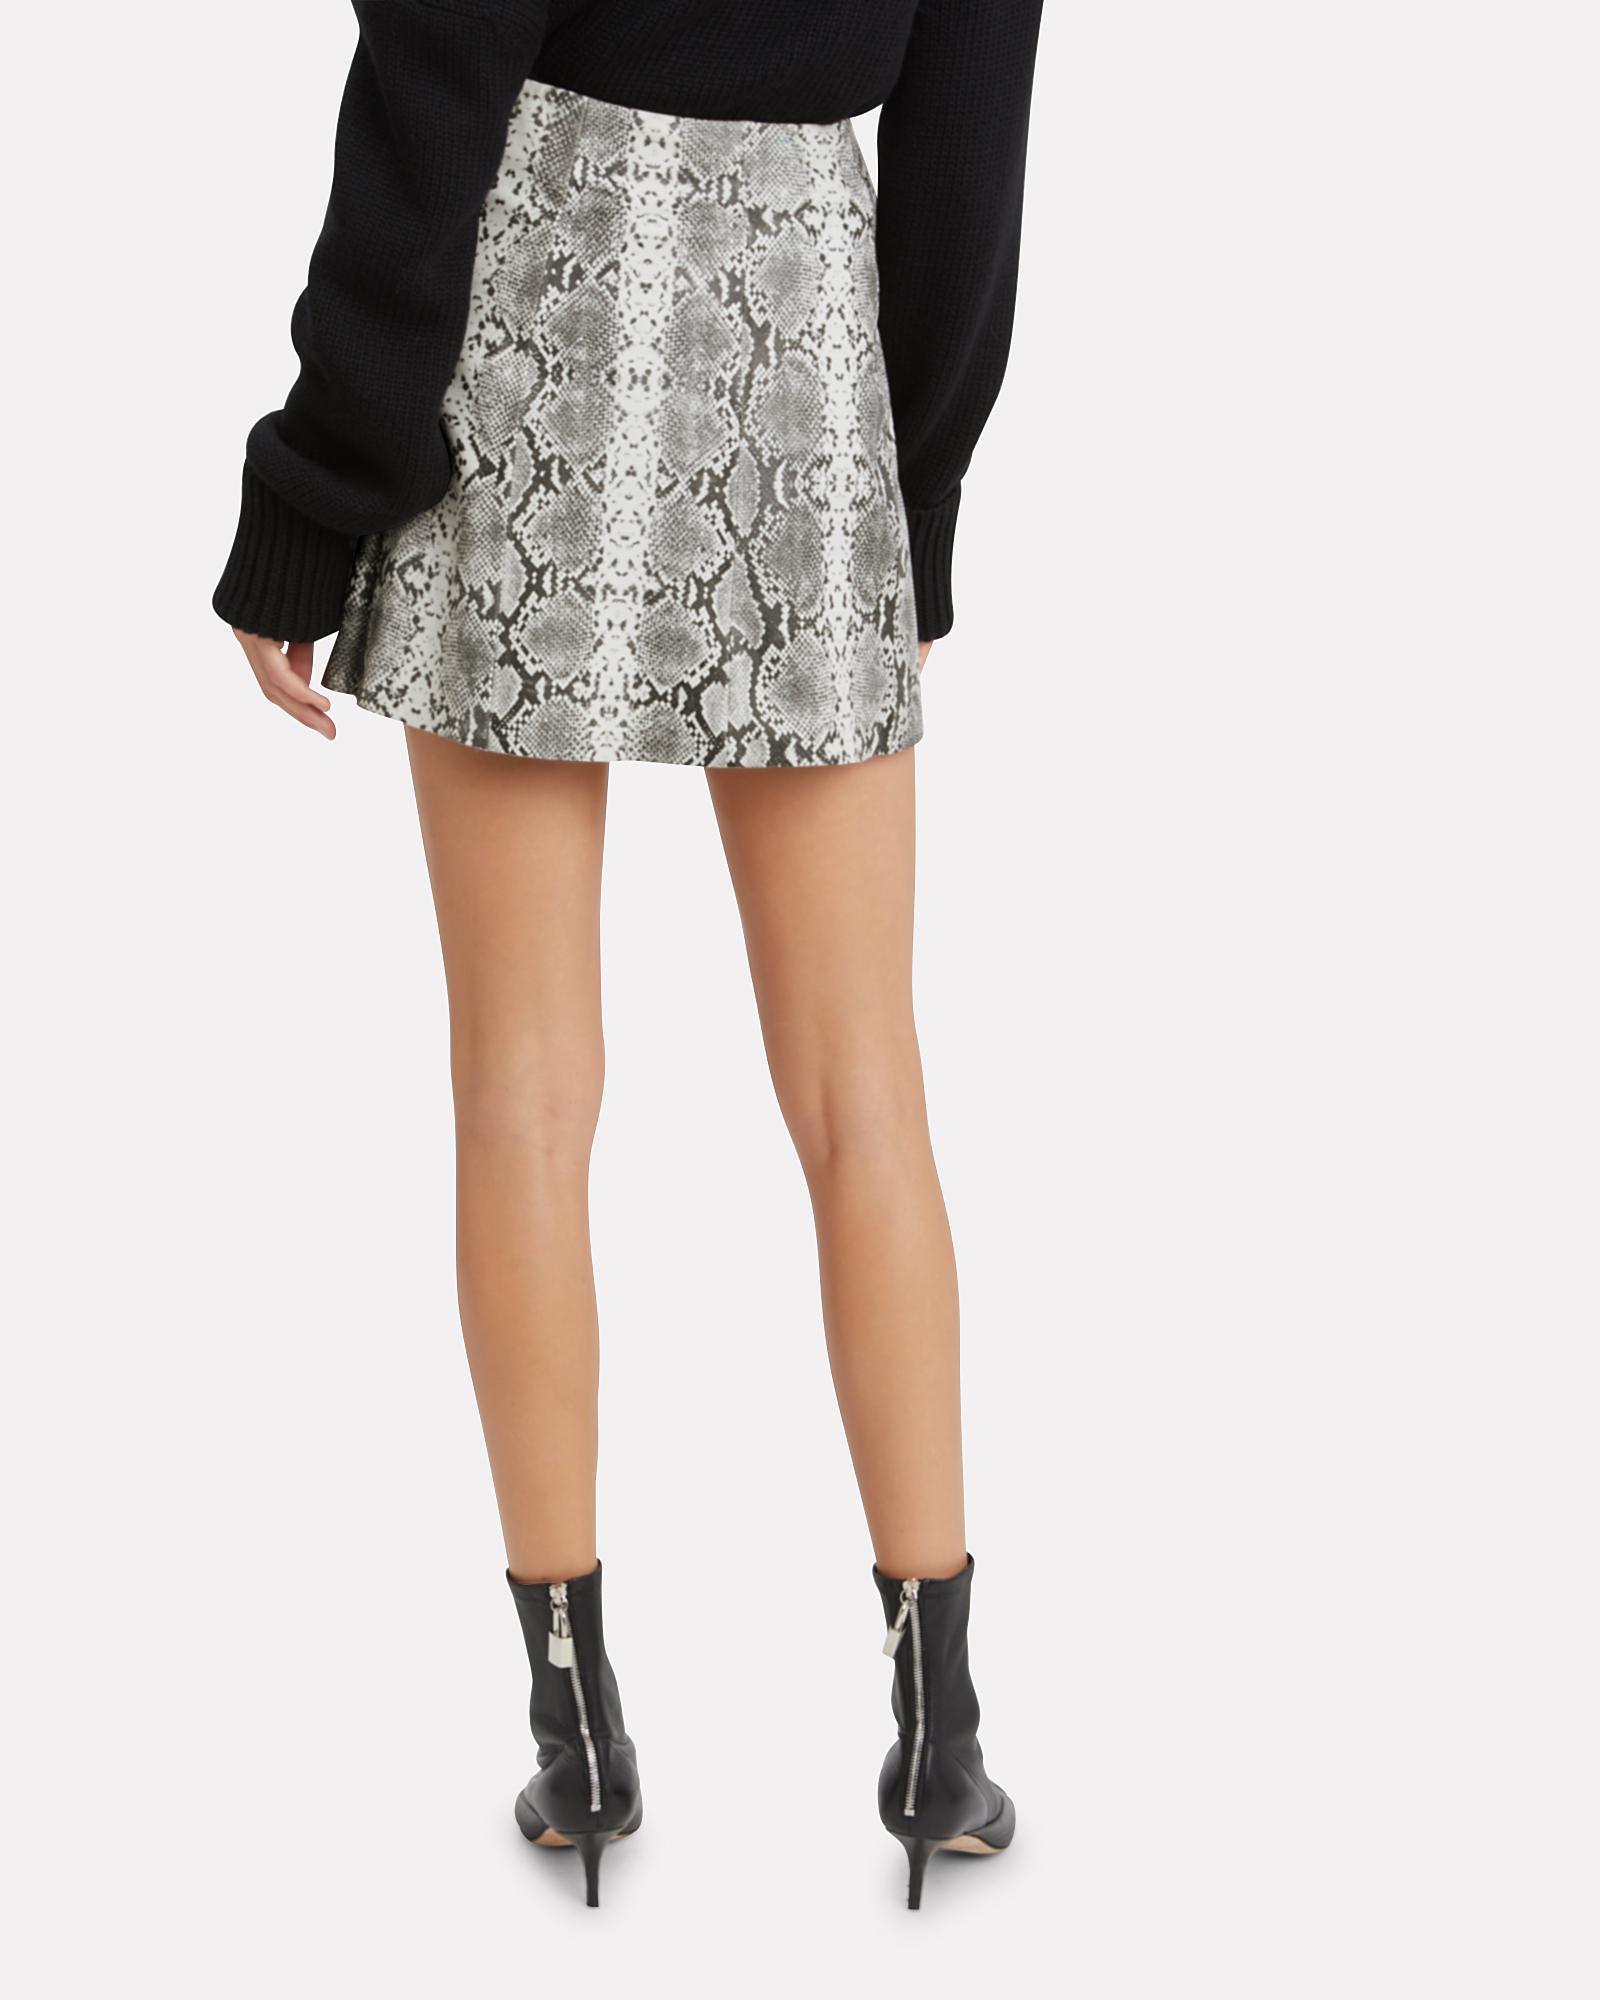 e431cc46a7f3 ... Leather Snake Print Mini Skirt, GREY, hi-res ...